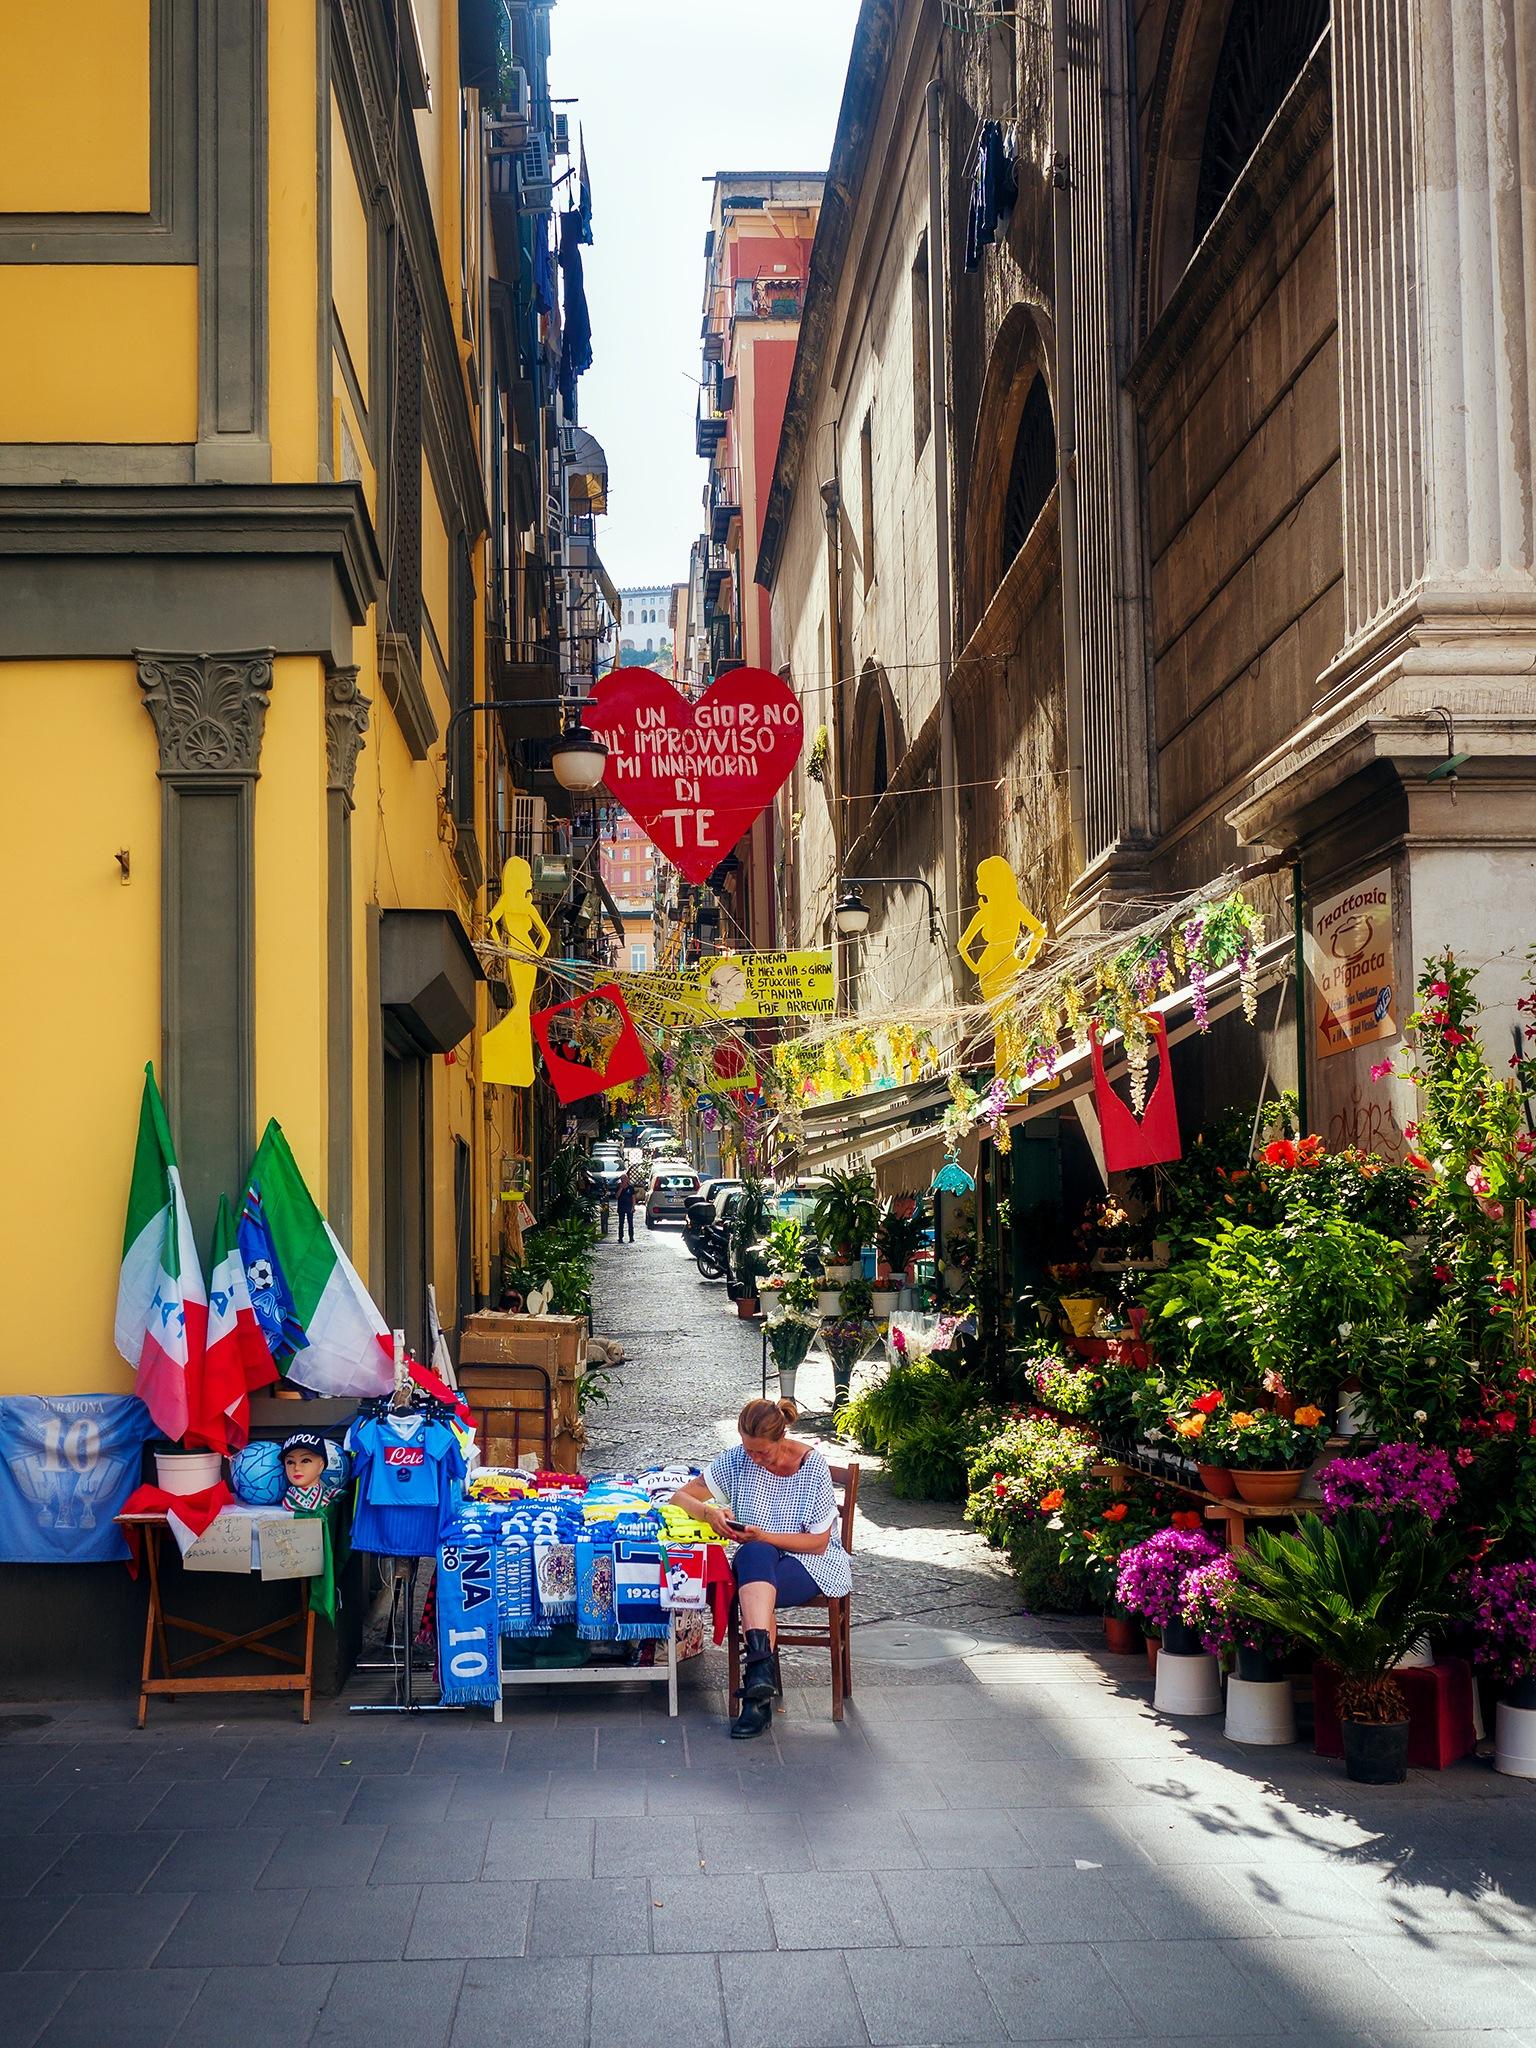 Cuori Street_ti by Gianni Russo